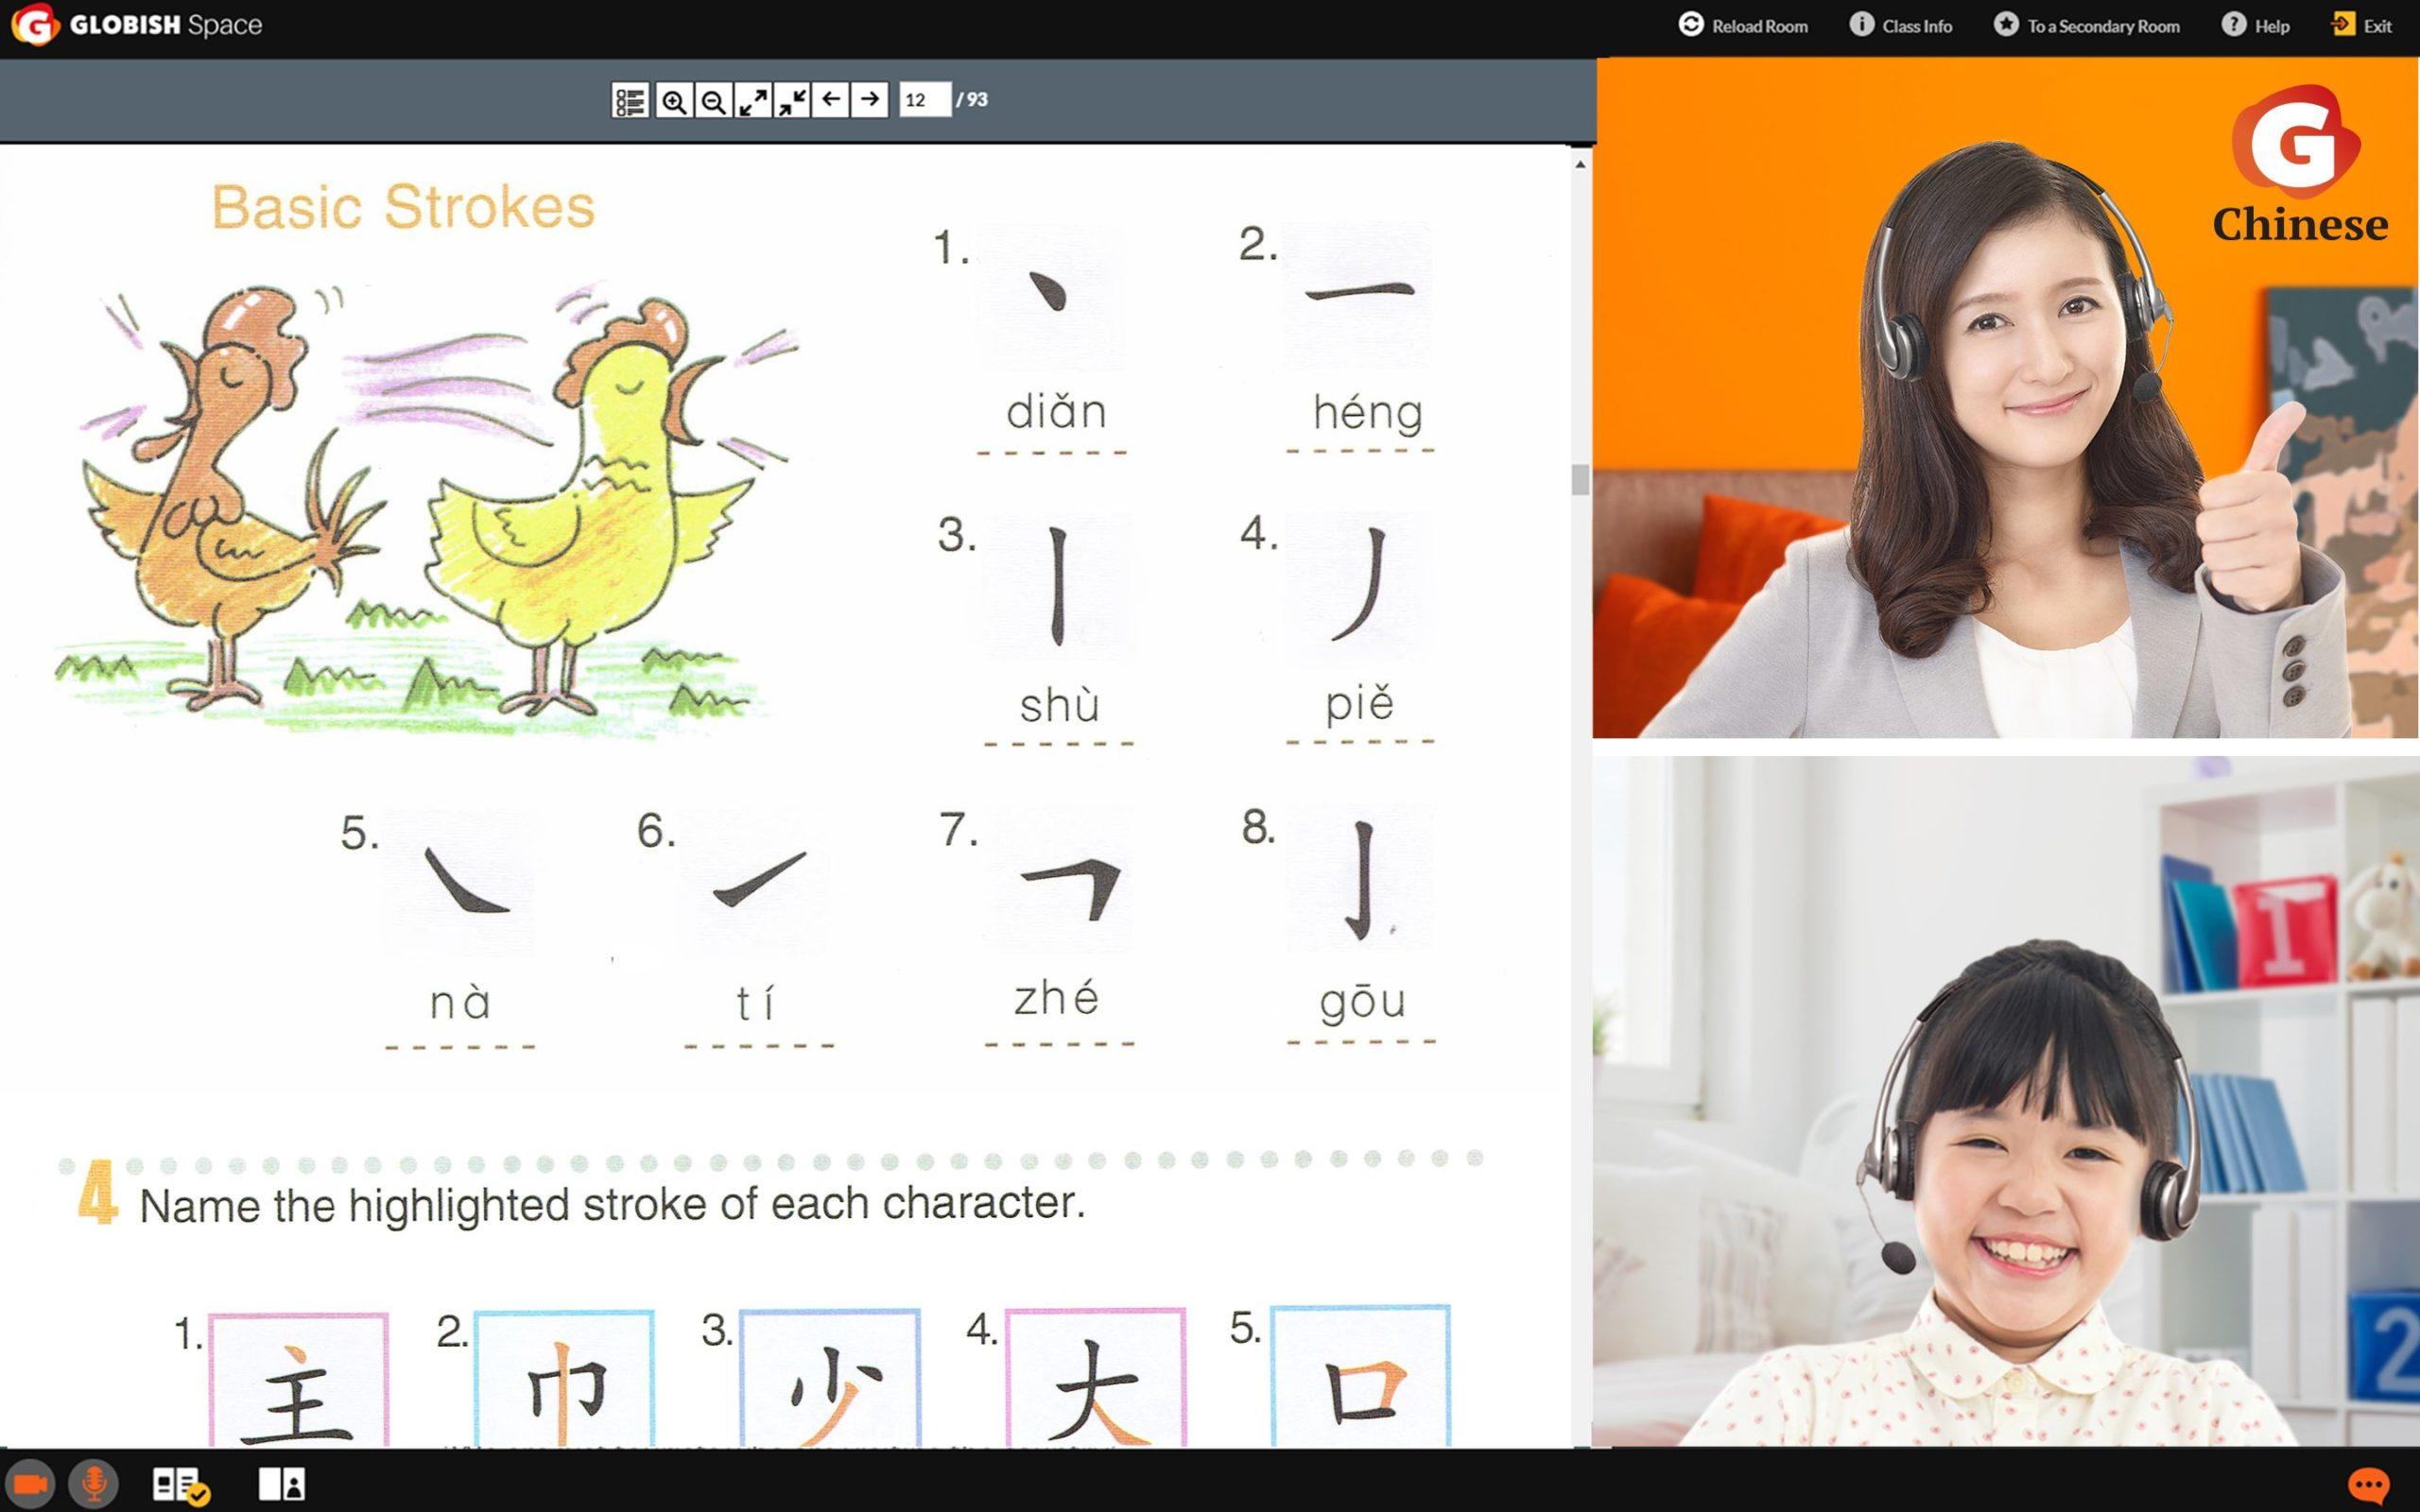 """Globish คลอดหลักสูตรภาษาจีน """"ออนไลน์"""" อัพสกิลเด็กไทย"""